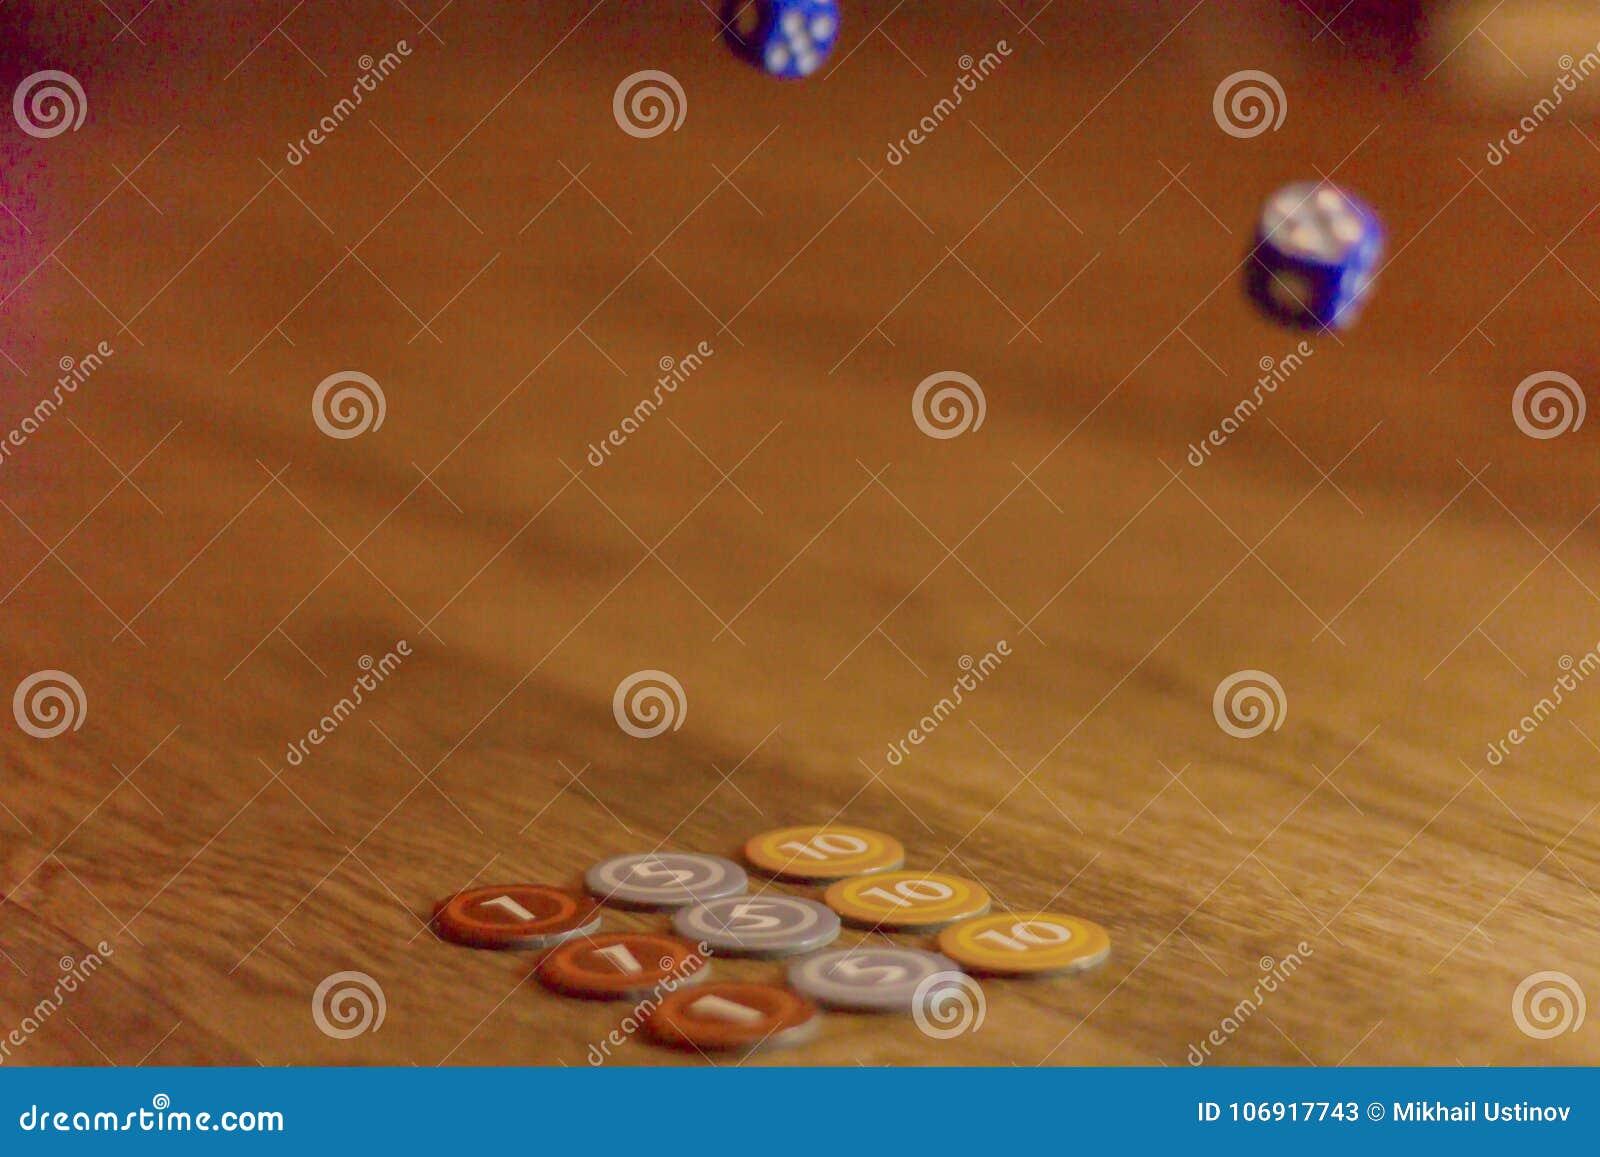 Kostka do gry i układ scalony gra planszowa